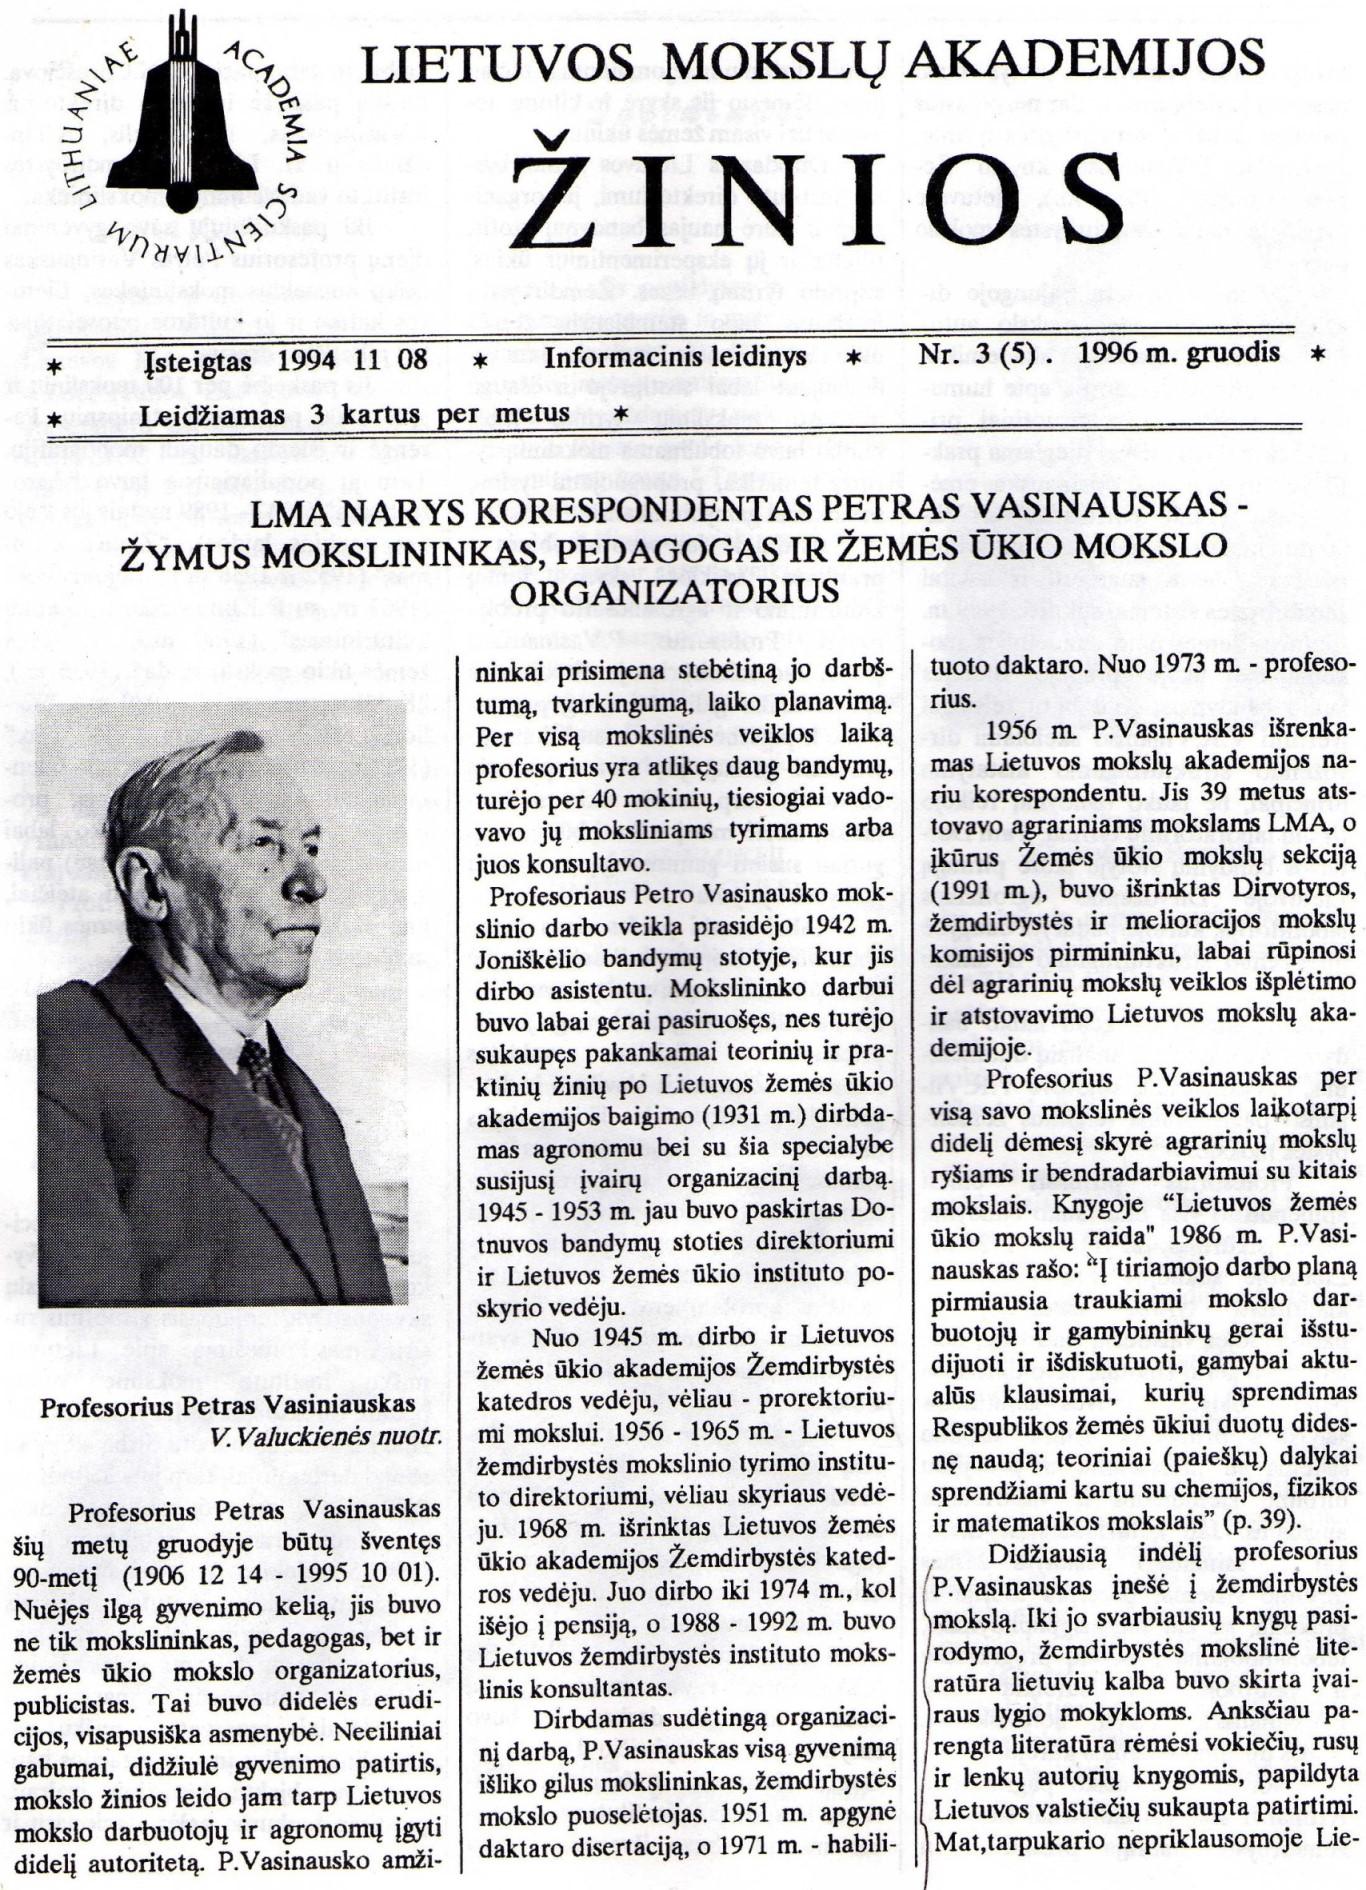 Lietuvos mokslų akademijos žinios. – 1996, Nr. 3 (5), p. 1–2.